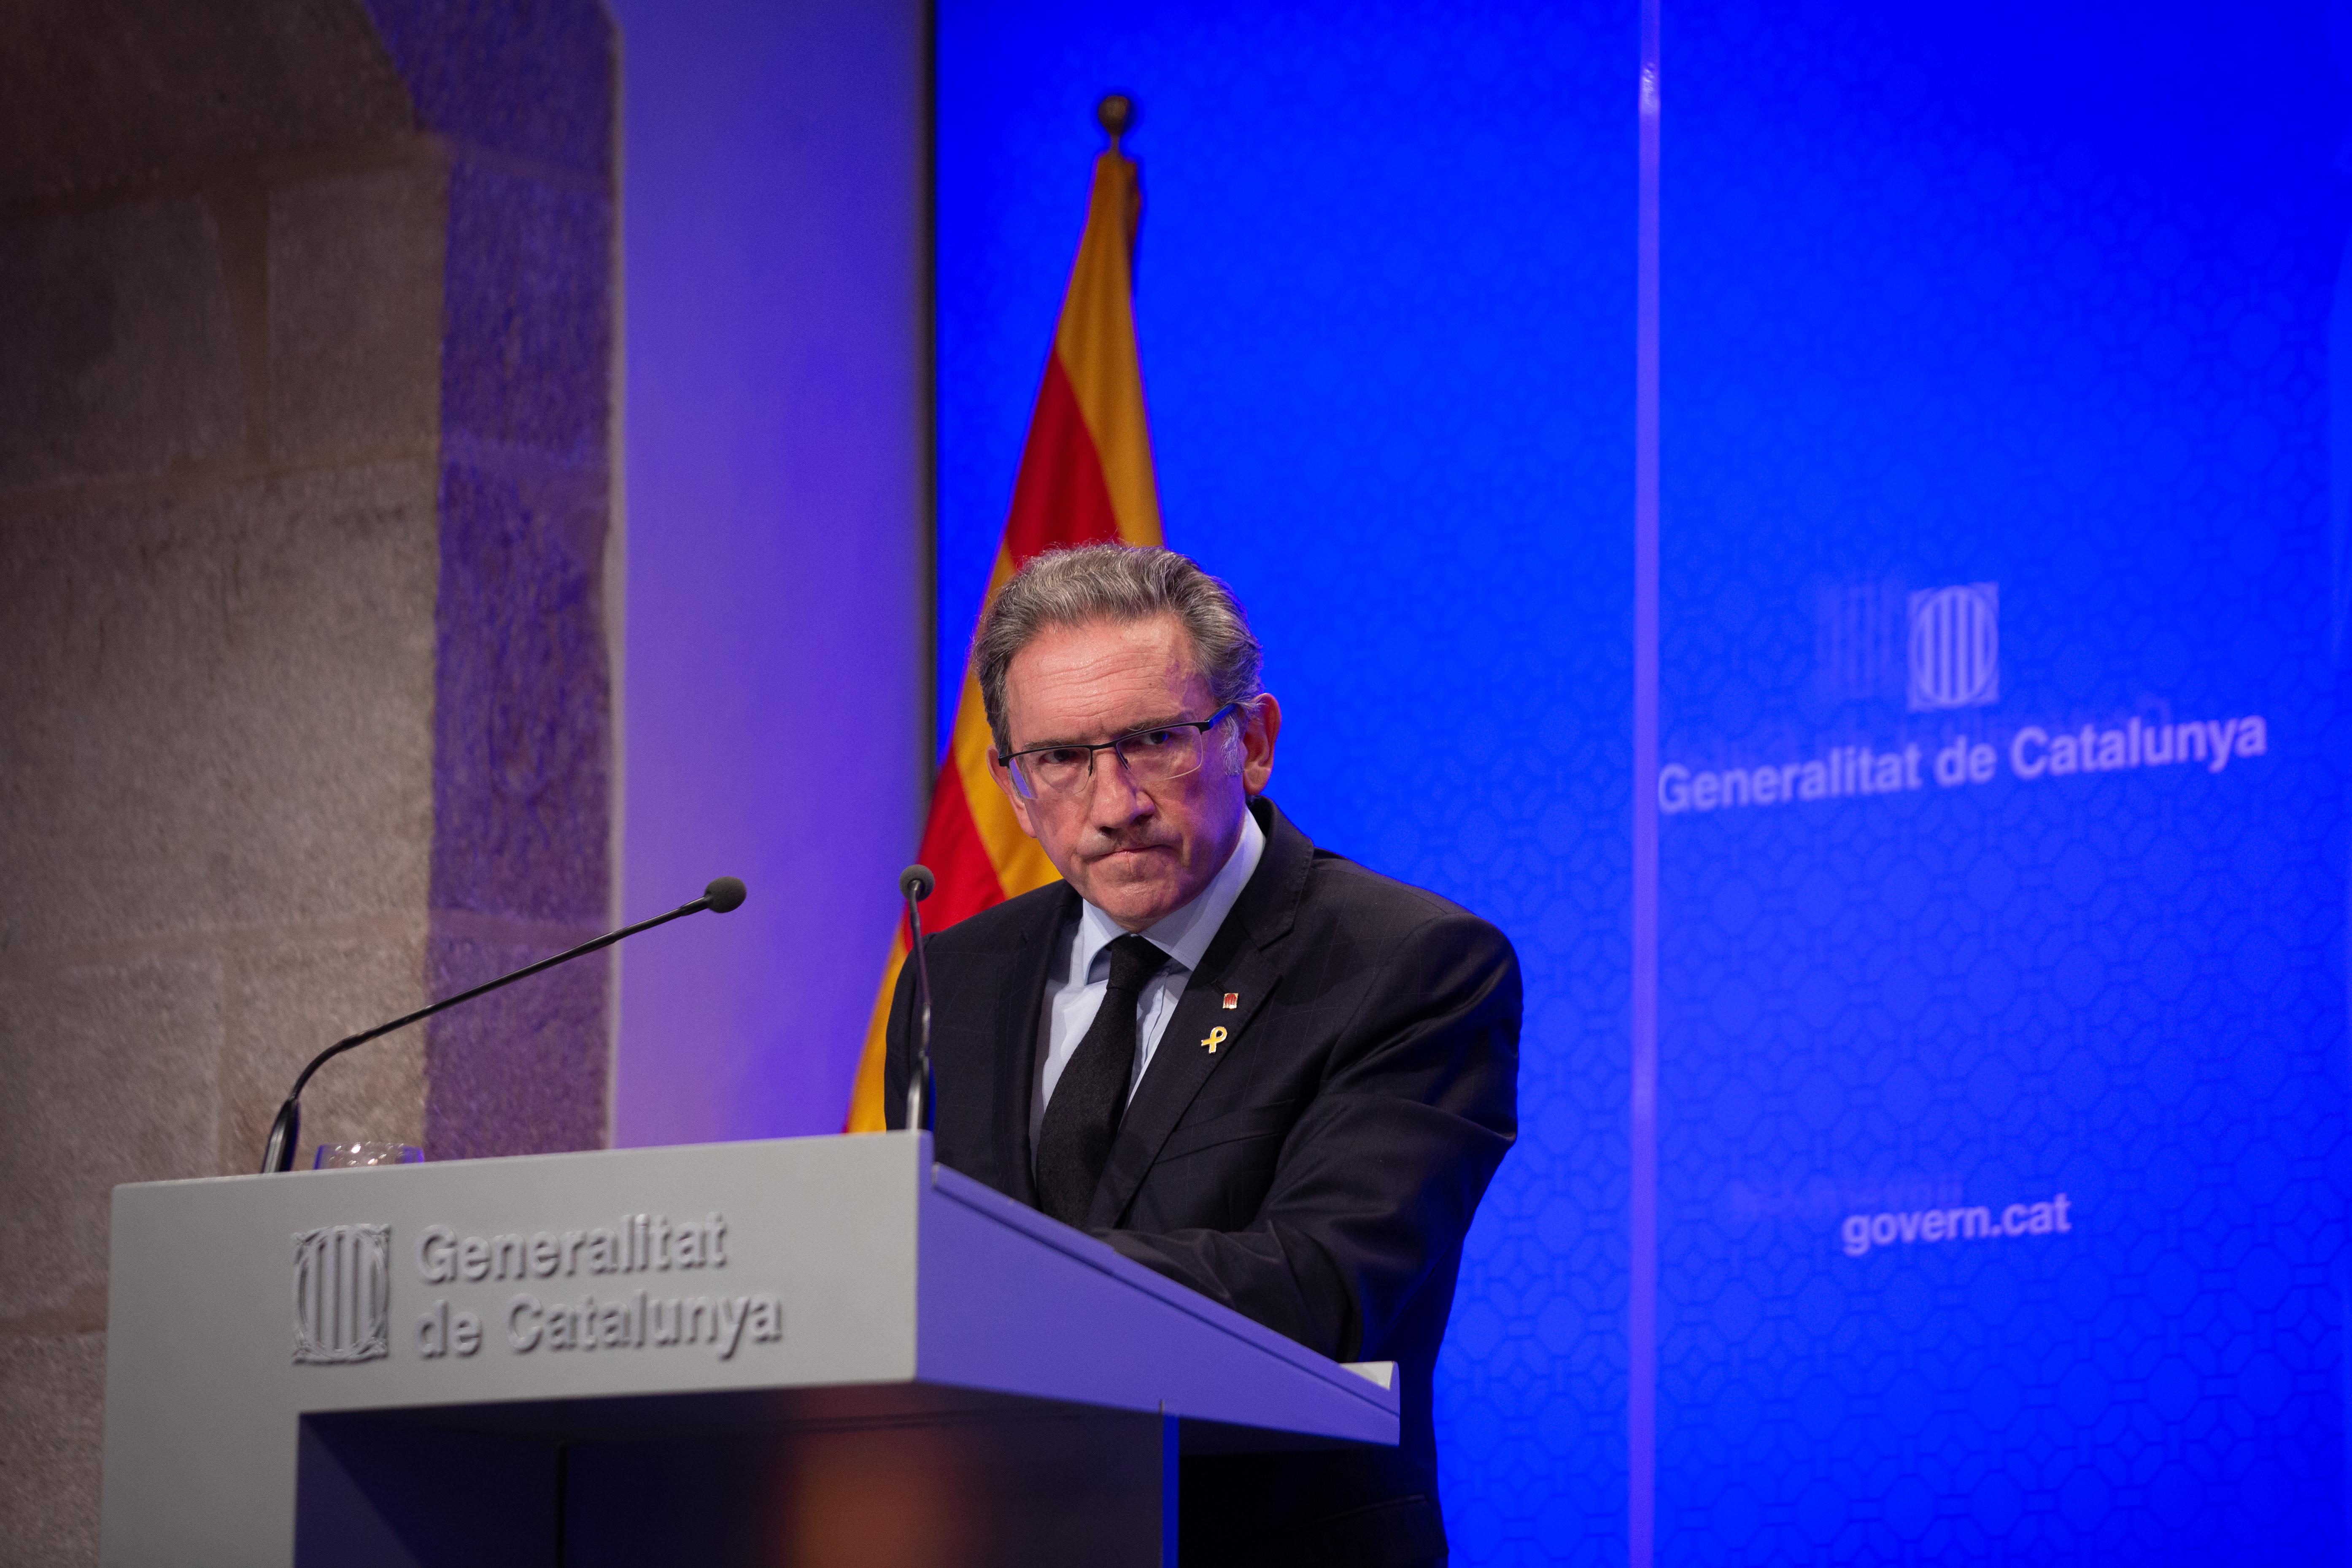 La Generalitat cubrirá finalmente la fianza del Tribunal de Cuentas con fondos públicos